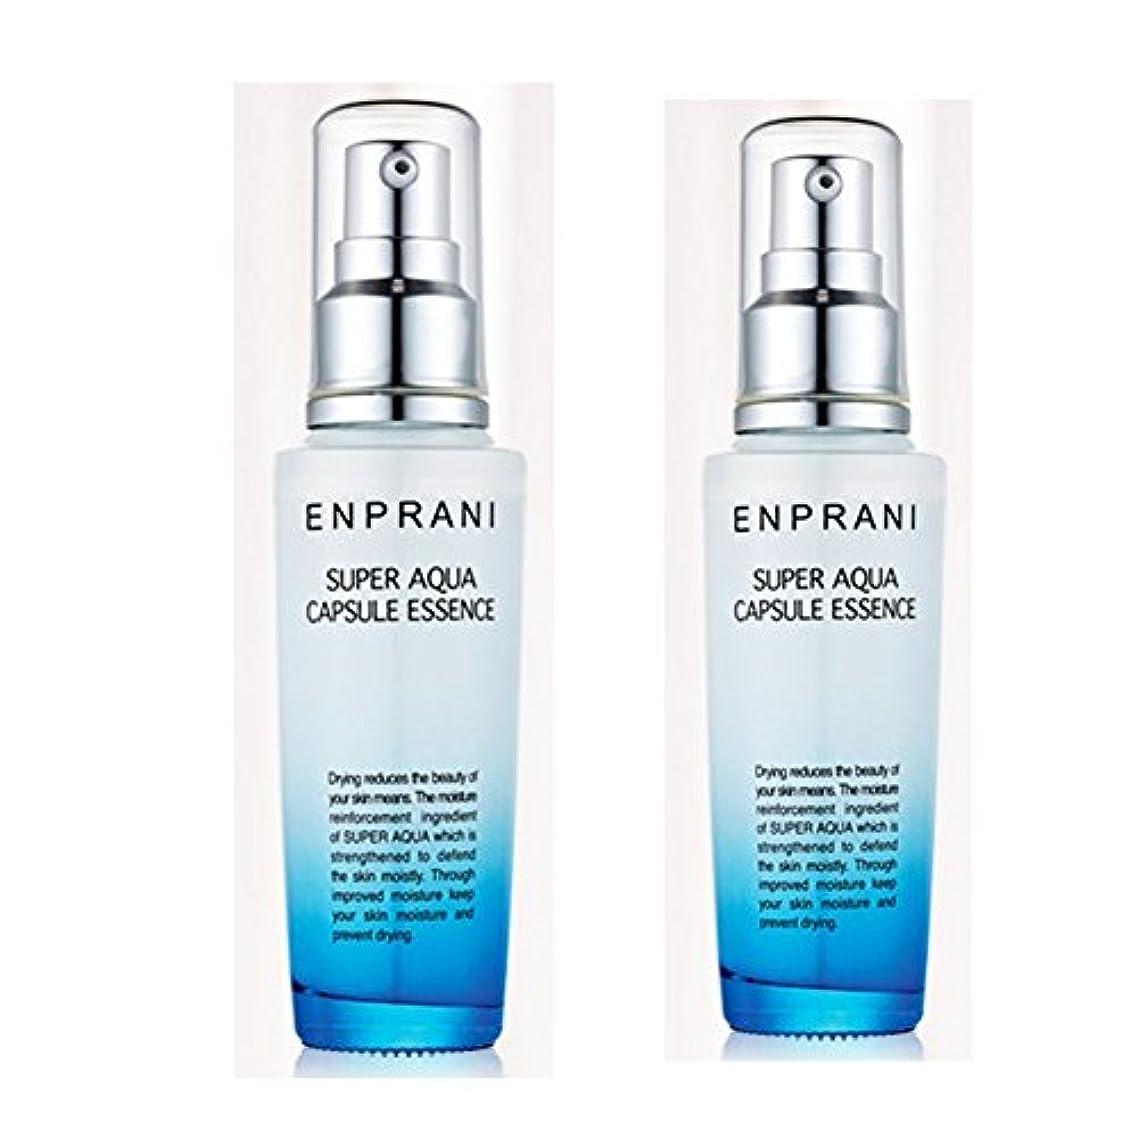 ママ追加する十年エンプラニ(ENPRANI) スーパーアクアカプセルエッセンス55ml x 2本セット、ENPRANI Super Aqua Capsule Essence 55ml x 2ea Set [並行輸入品]